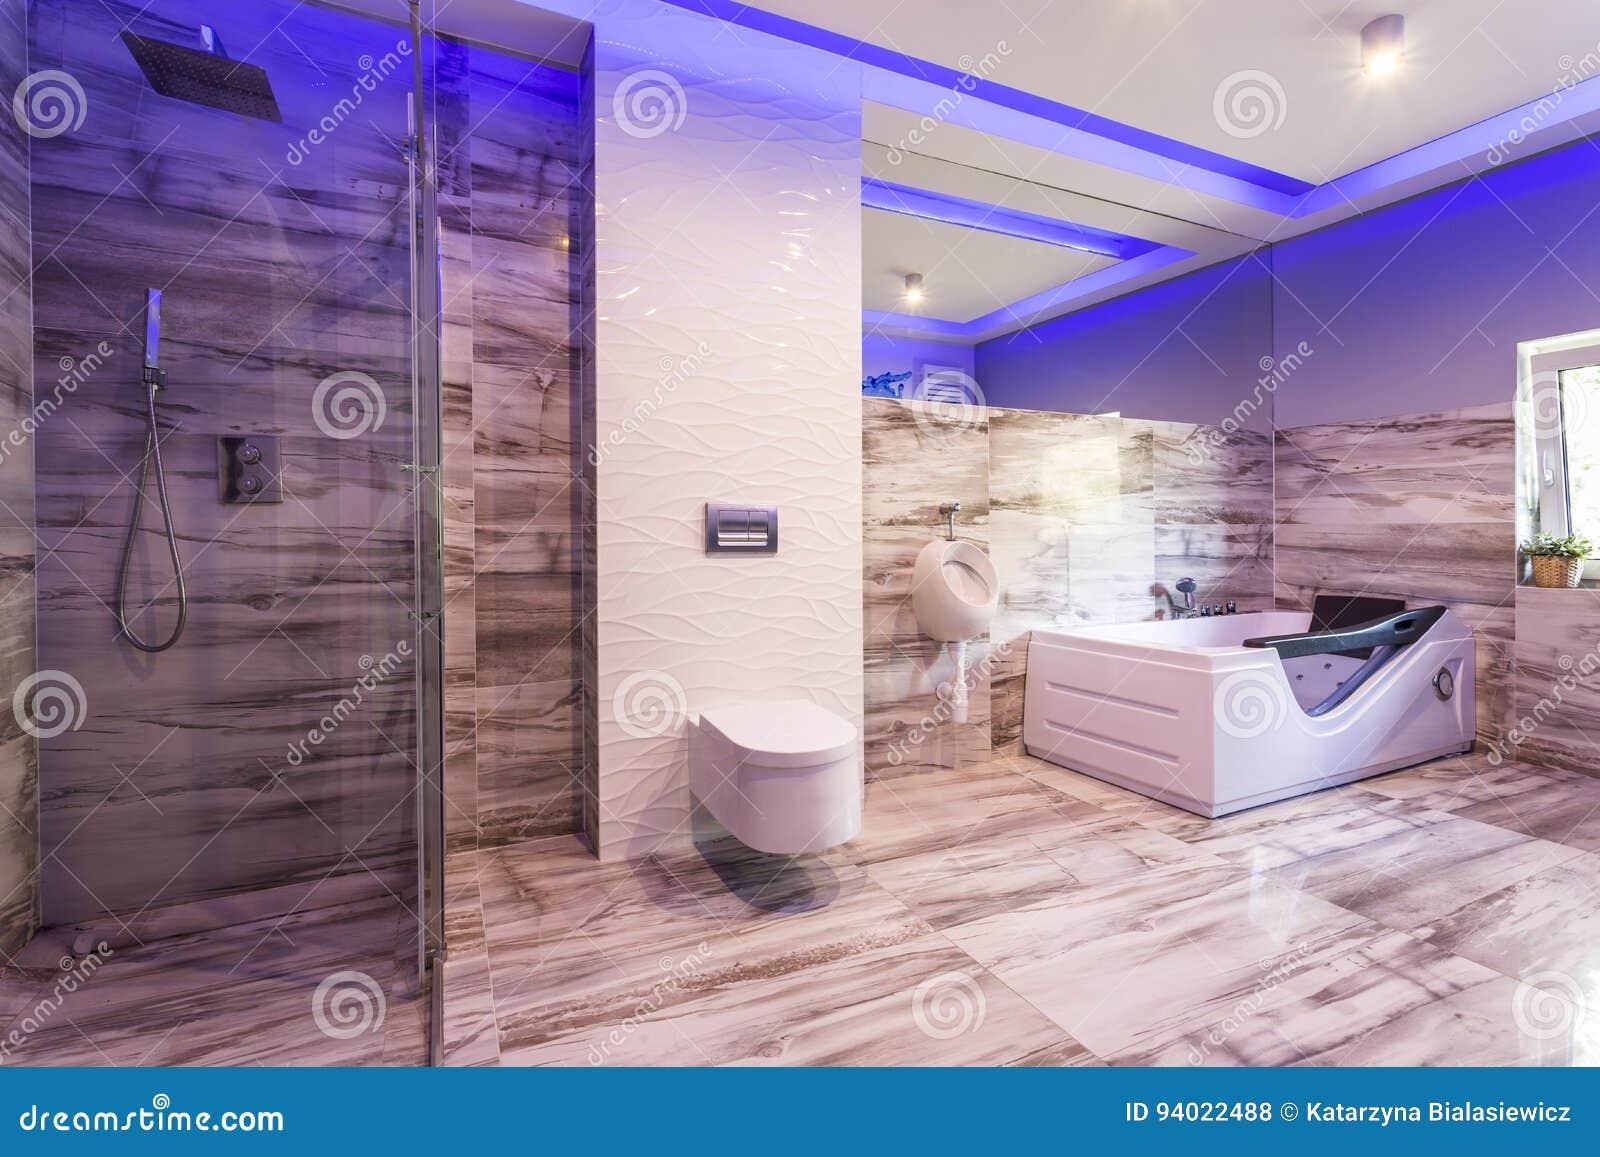 Badezimmer Mit Marmorfliesen Und Glasduschkabine Stockfoto Bild Von Badewanne Stilvoll 94022488